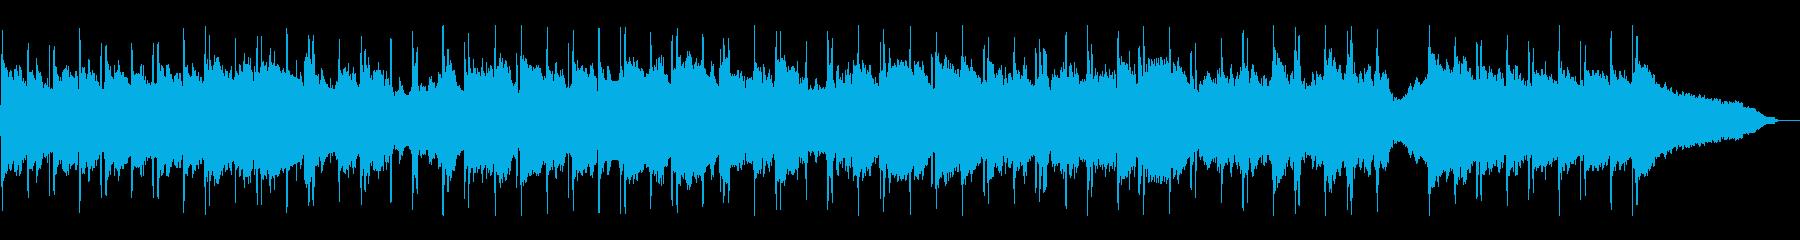 バイオリン旋律の優雅で染みるインスト曲の再生済みの波形